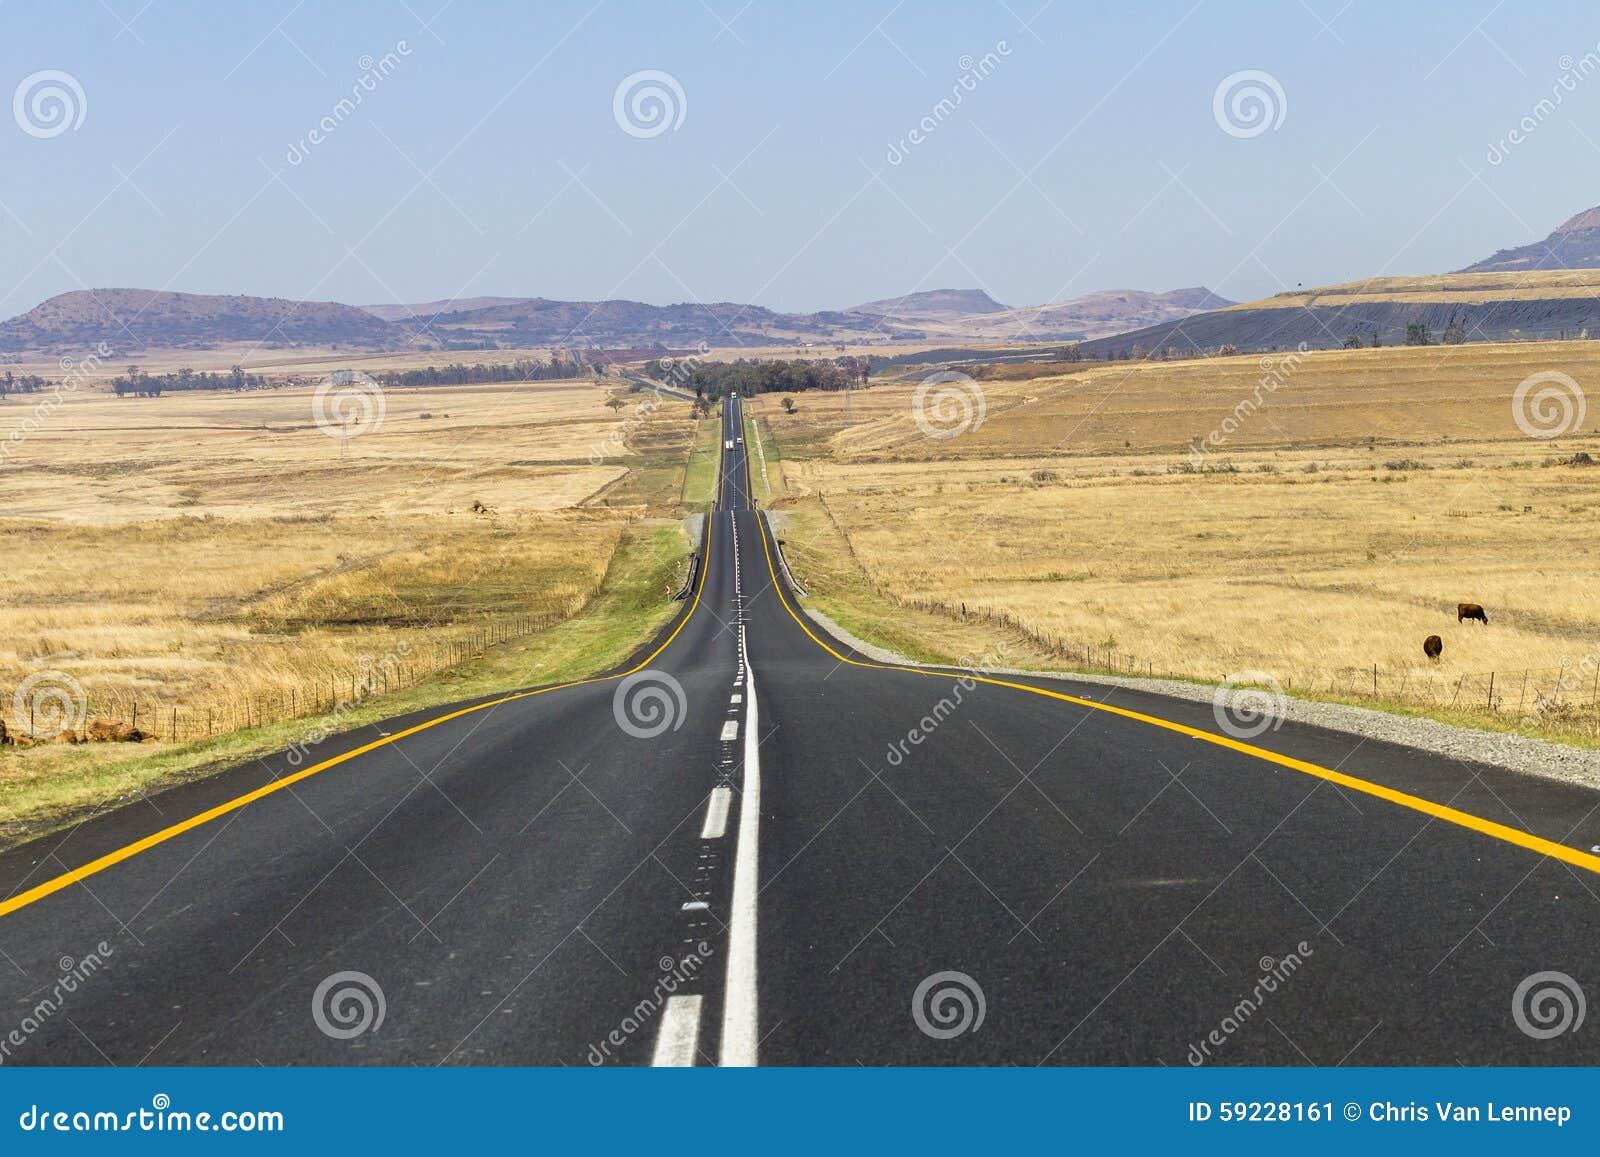 Download Camino derecho imagen de archivo. Imagen de rural, vehículos - 59228161